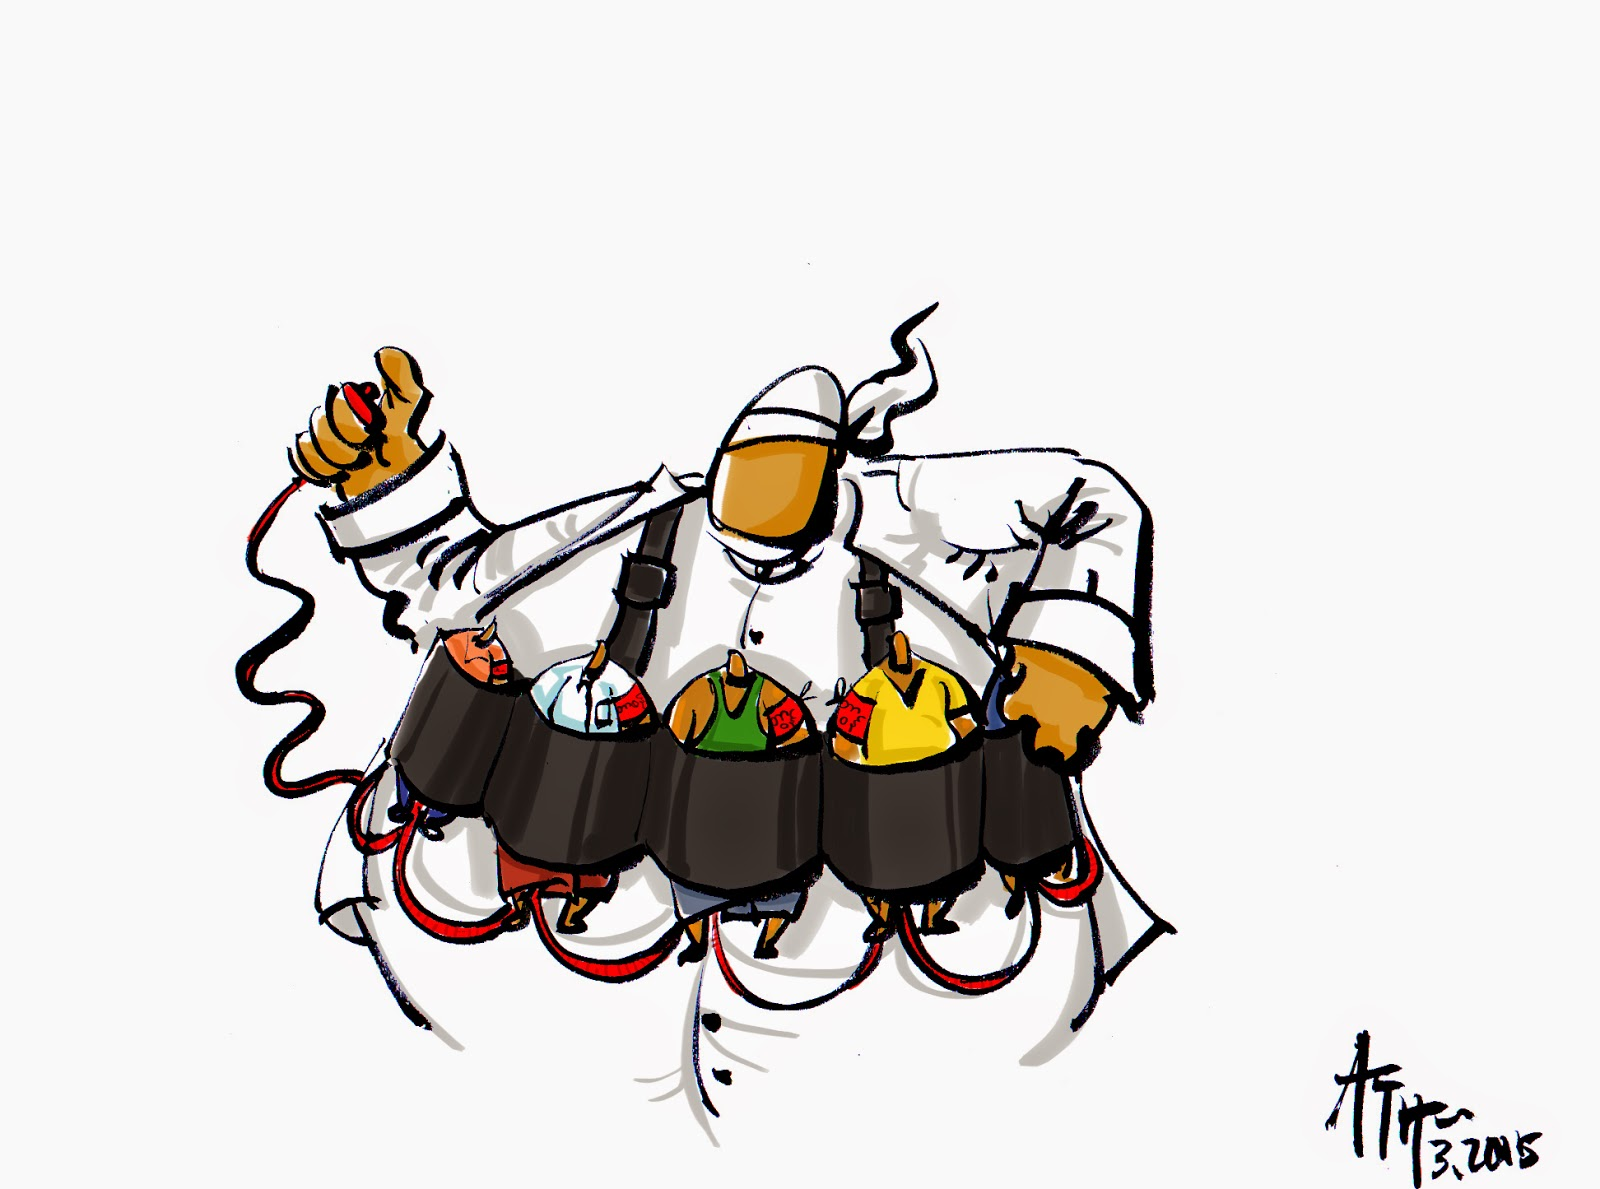 ကာတြန္း ATH – စြမ္းအားရွင္ပါတီ က အစြနး္ေရာက္ စစ္ေသြးၾကြေတြ အလိုုရွိသည္